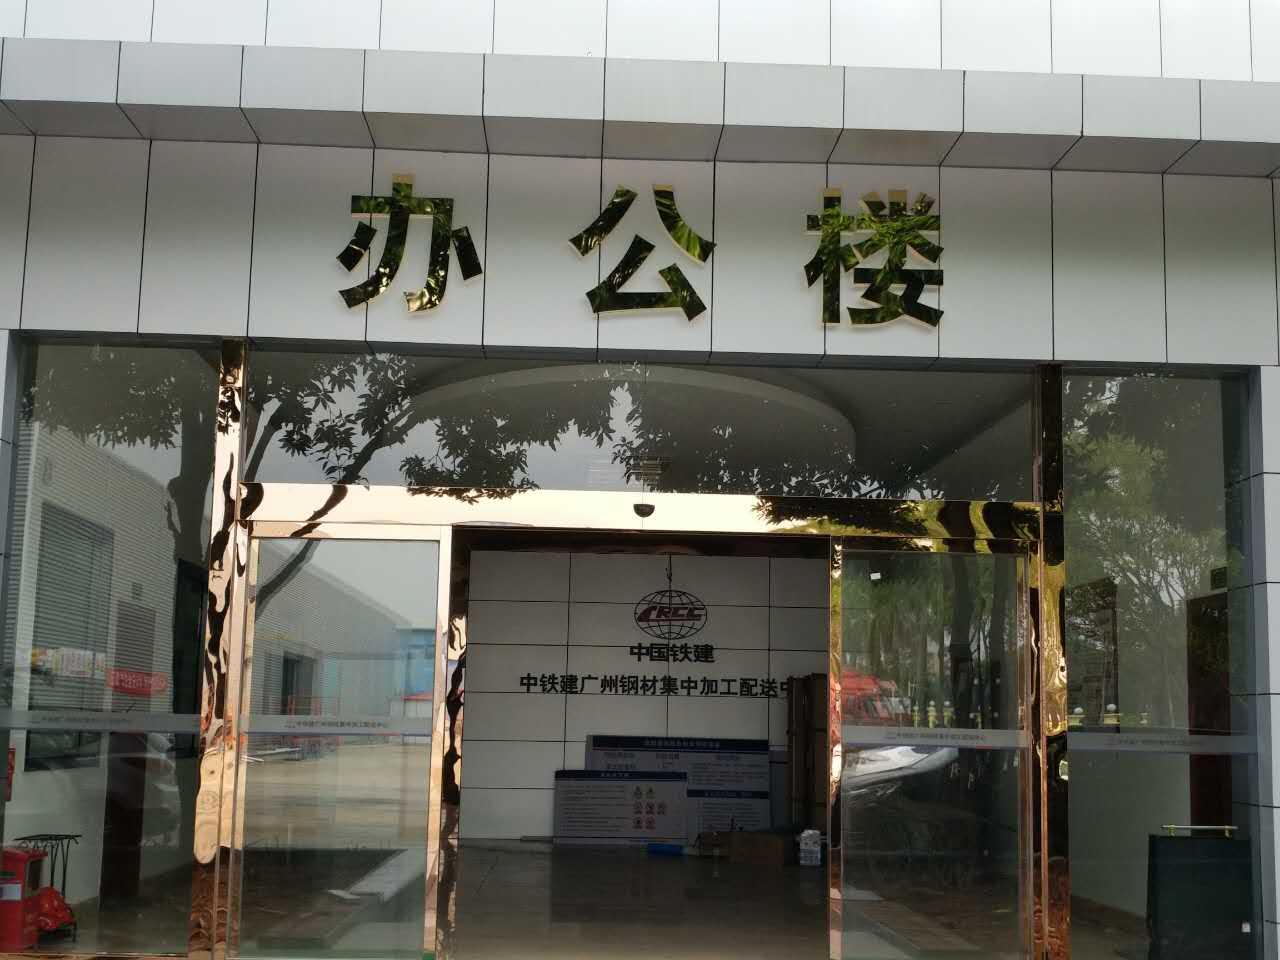 中铁十一局集团桥梁有 限公司广州分公司